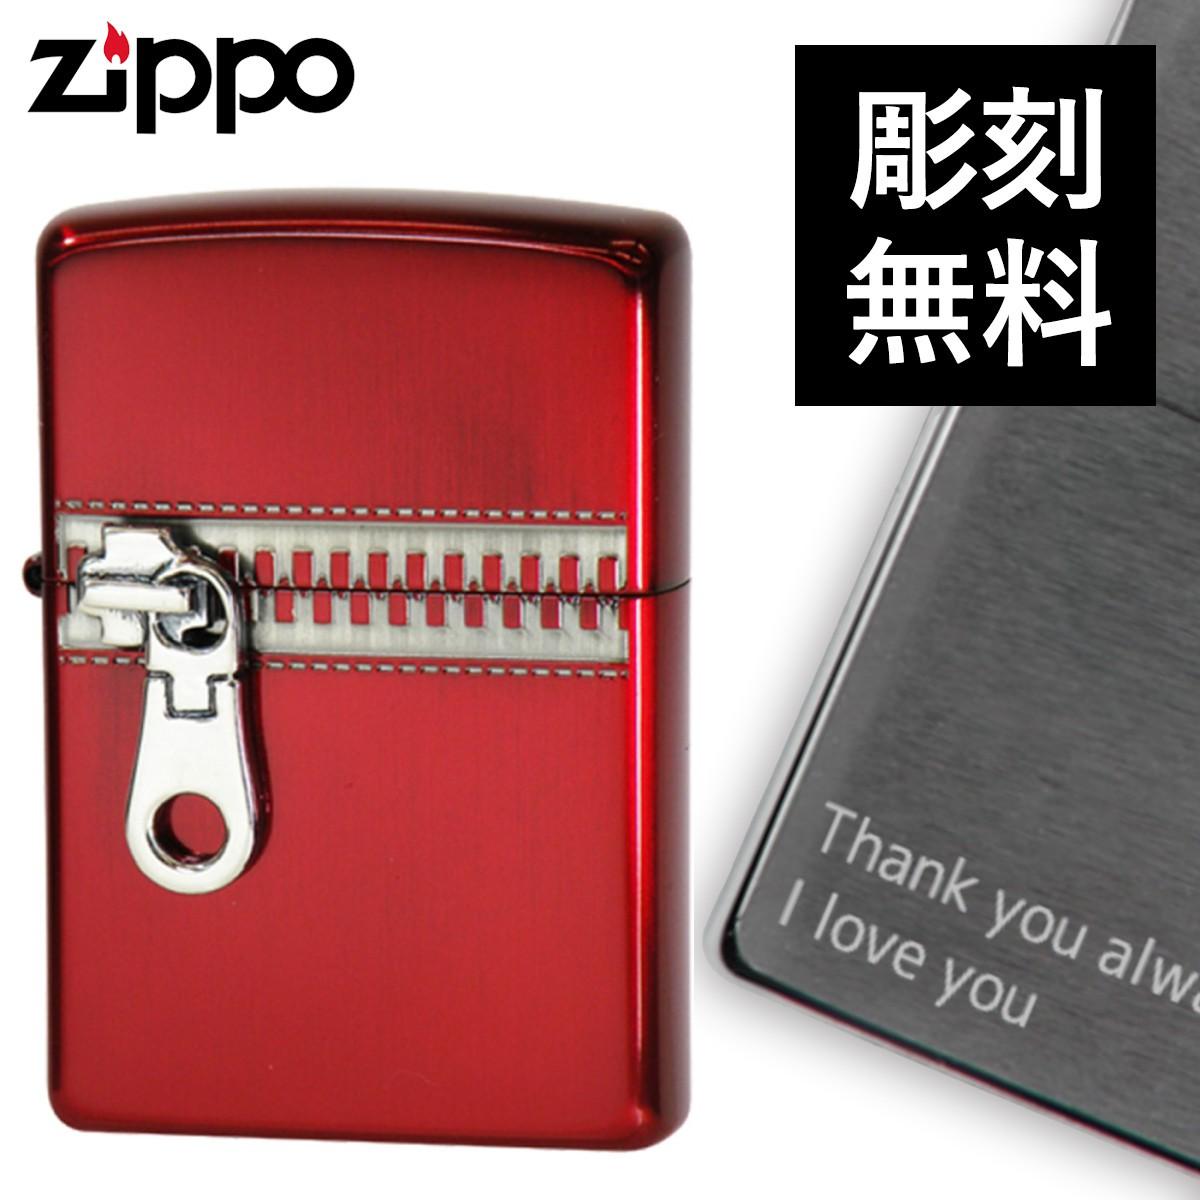 zippo 名入れ ジッポー ライター ジッパーZIPPO イオンレッド 名入れ ギフト プレゼント 贈り物 返品不可 彫刻 無料 名前 名入れ メッセージ 誕生日 クリスマス オイルライター ジッポライター 彼氏 男性 メンズ 喫煙具